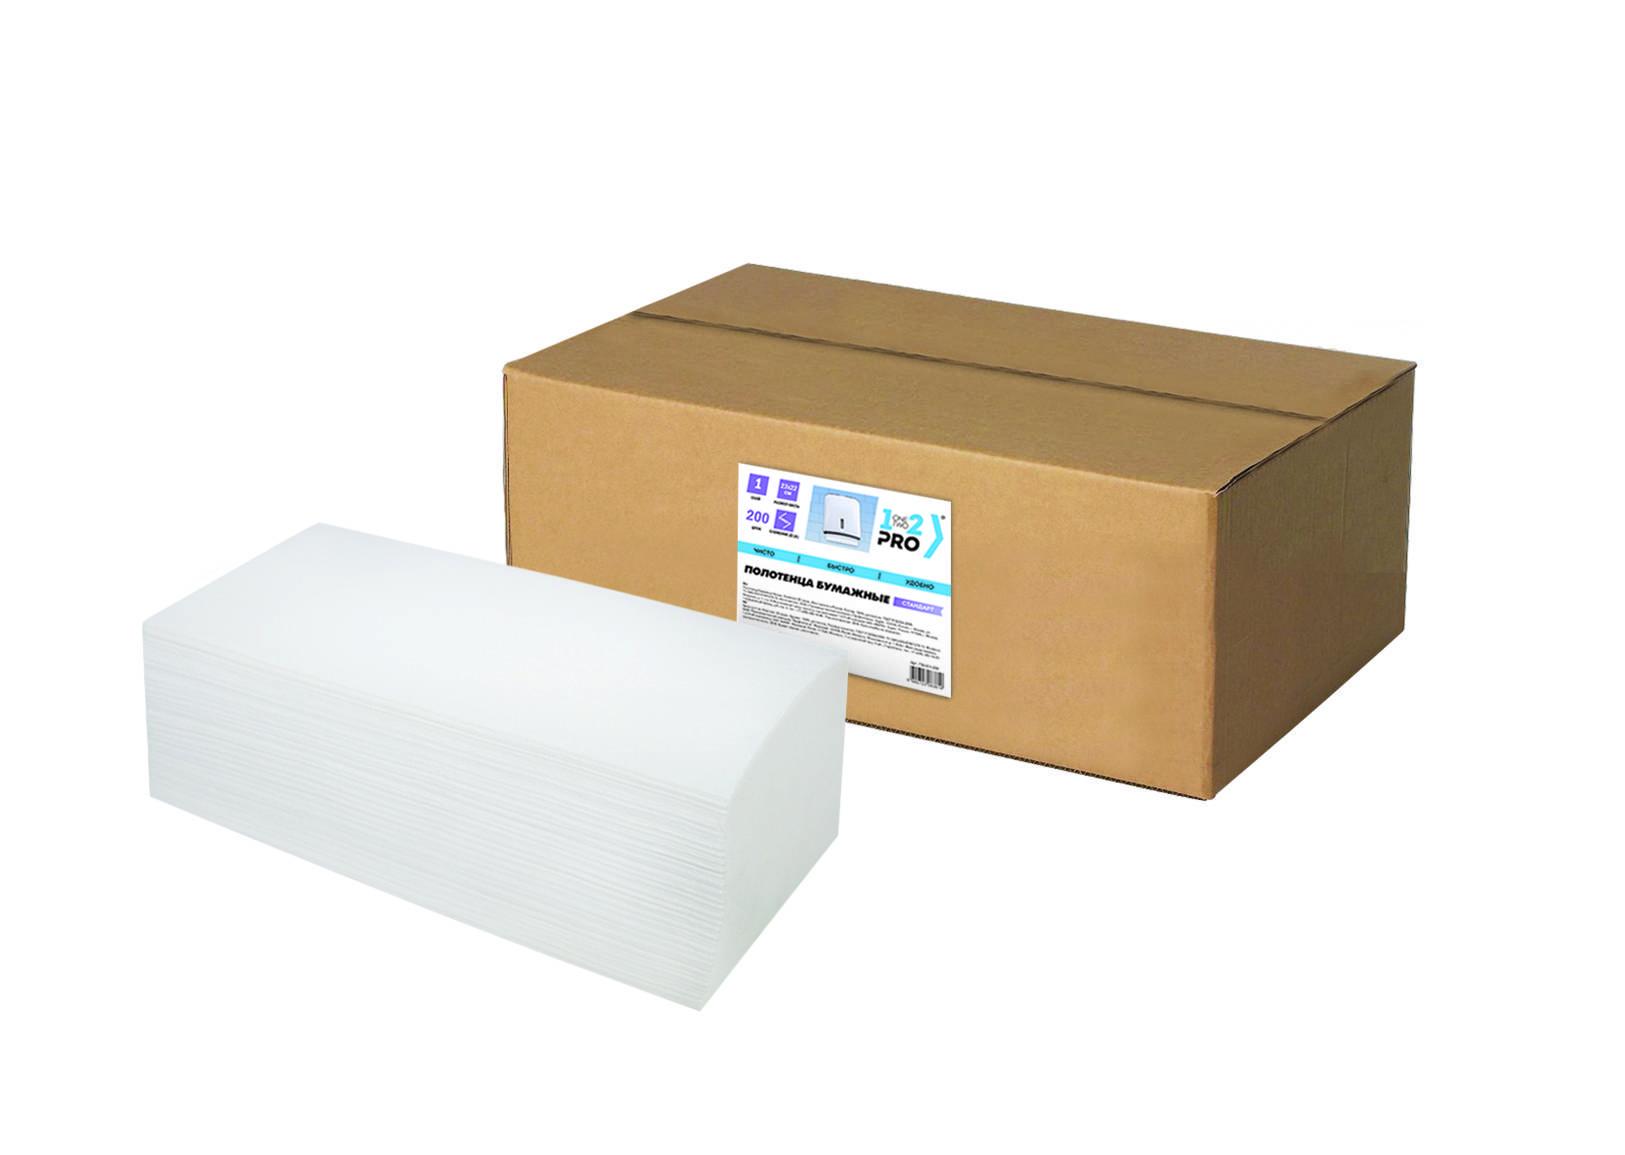 Полотенце бумажное 1-слойное 1-2-PRO СТАНДАРТ ZZ(V)-сложение 23х22 см 200 л.